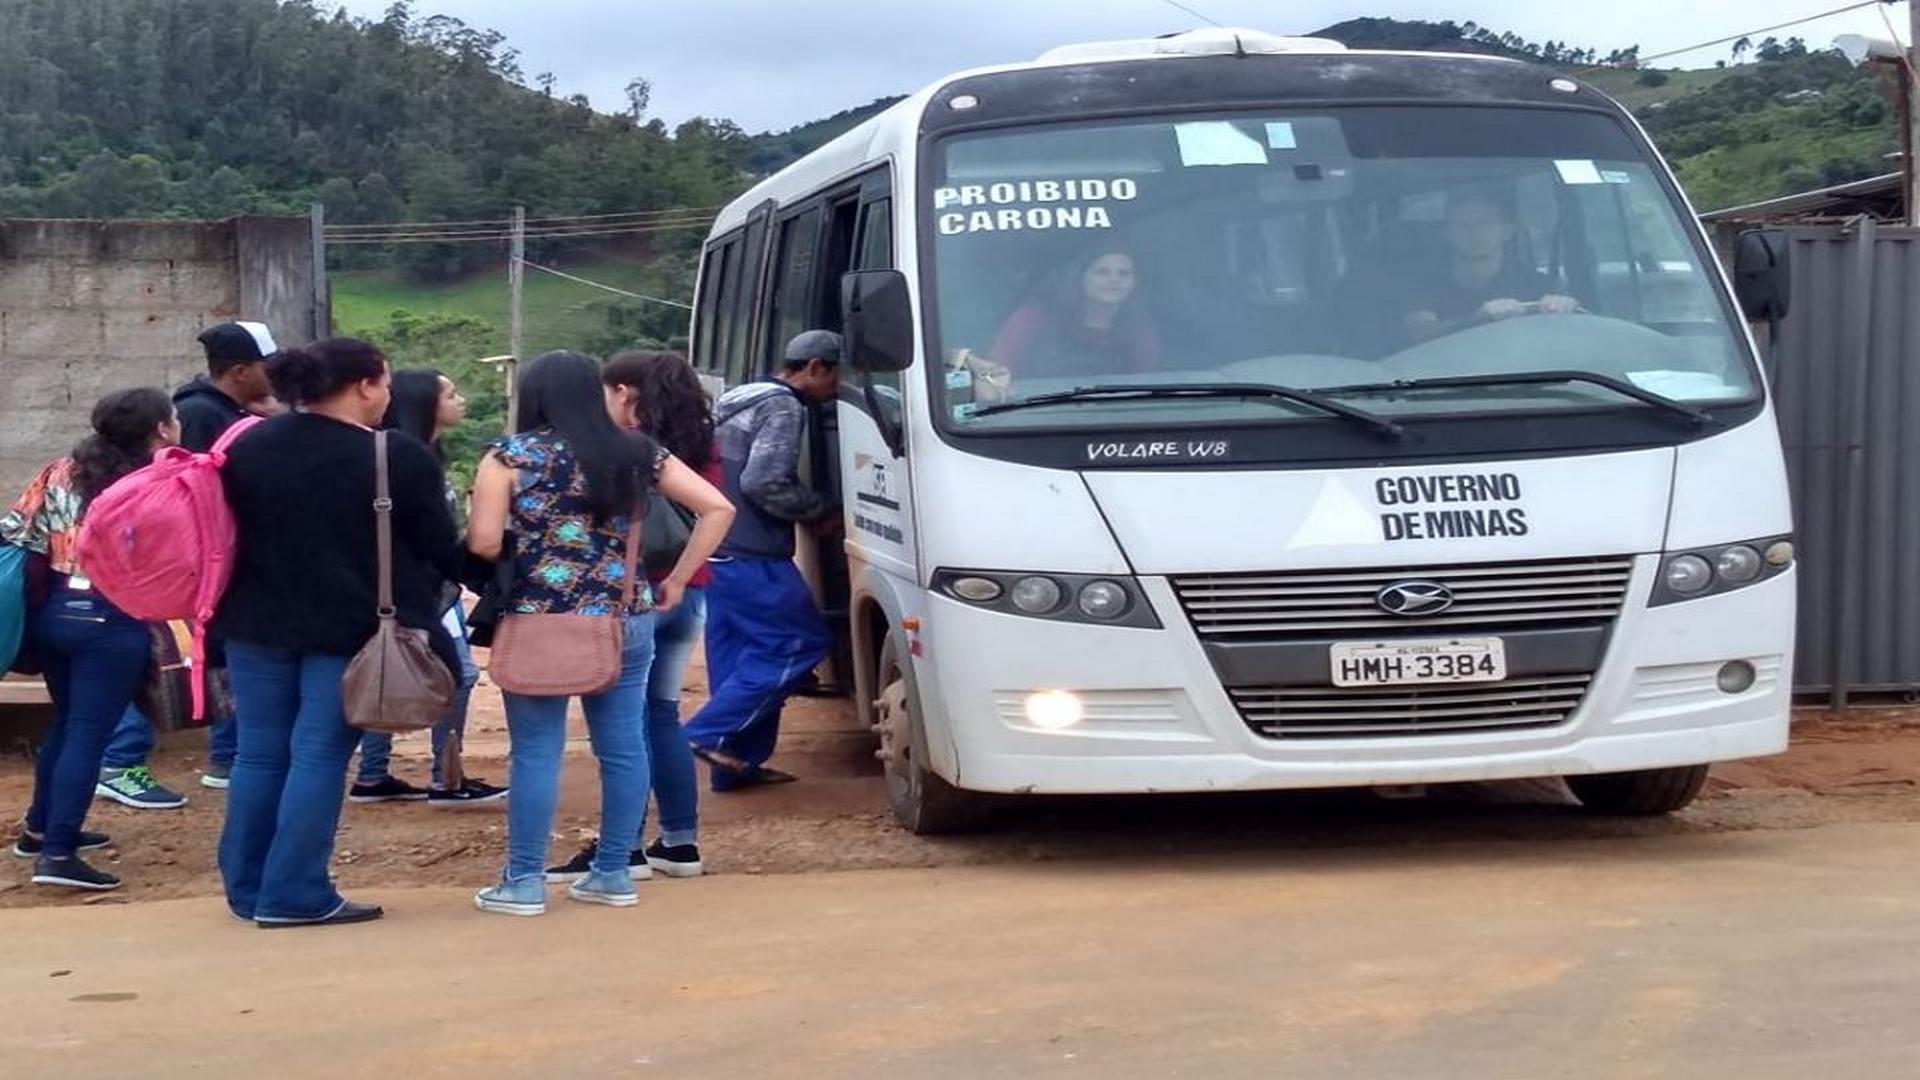 MELHORIAS NO TRANSPORTE: PACIENTES AGORA TERÃO DOIS ÔNIBUS DIÁRIOS PARA REALIZAÇÃO DE EXAMES !!!